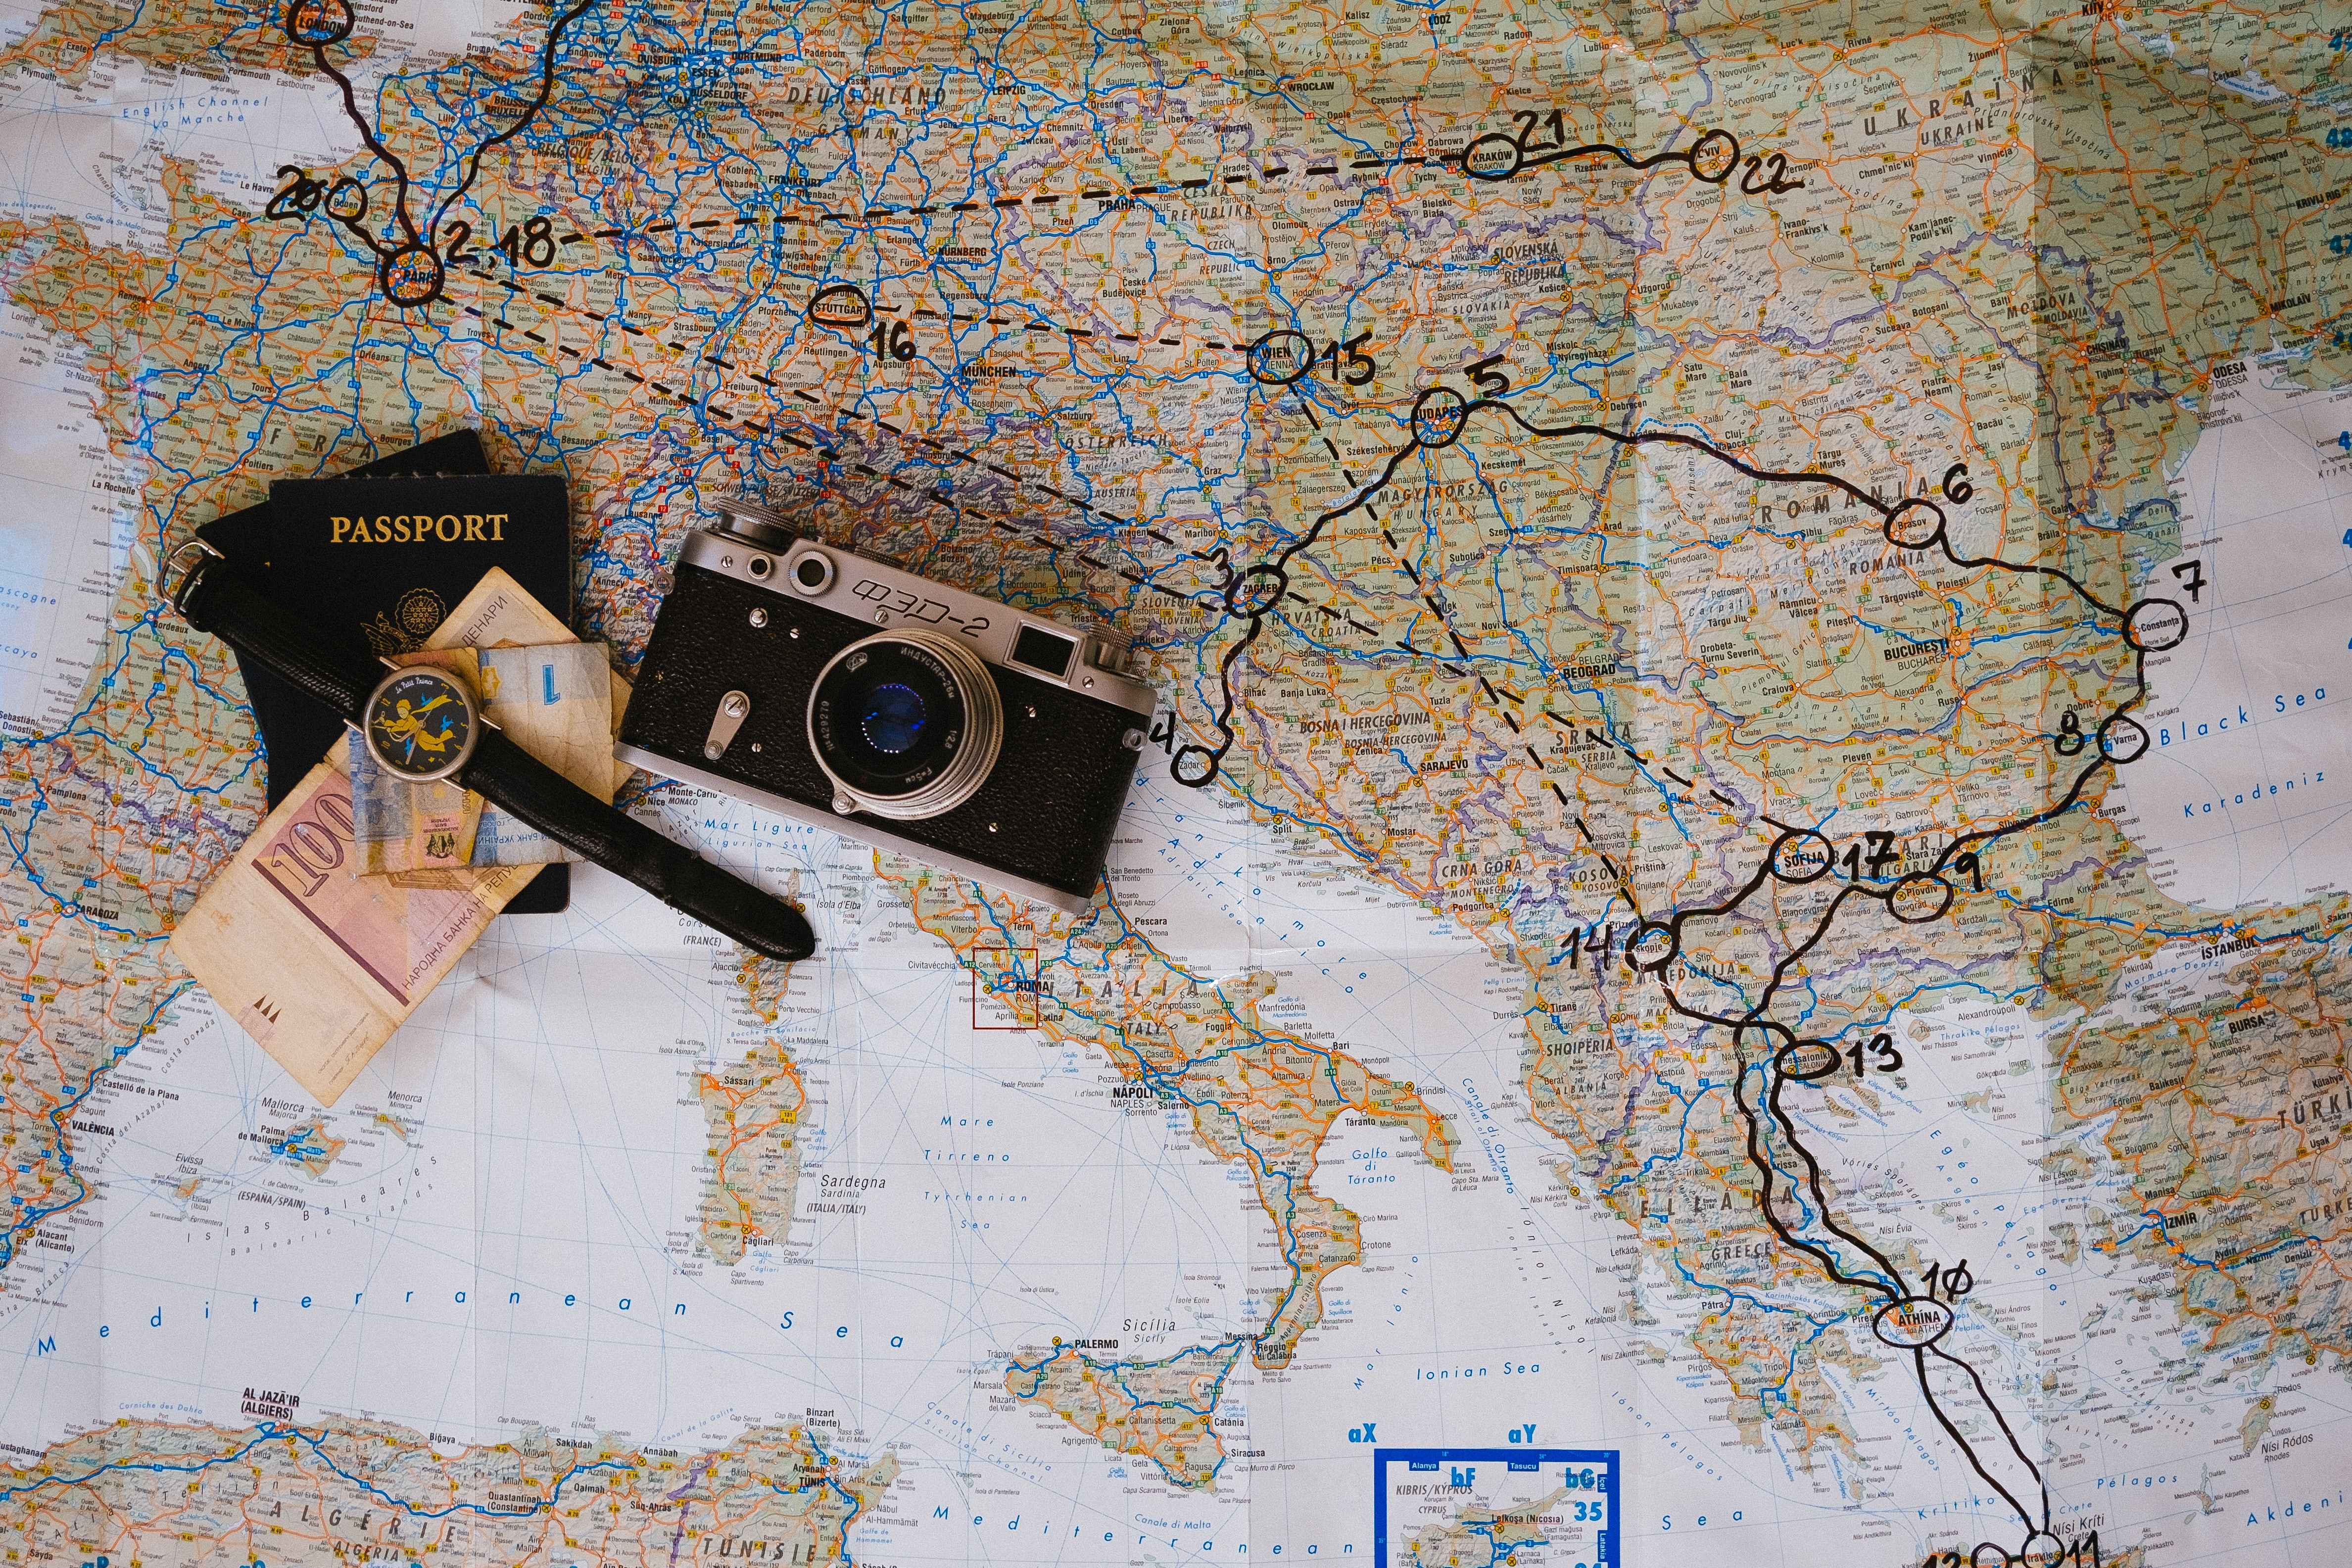 мапа подорожі